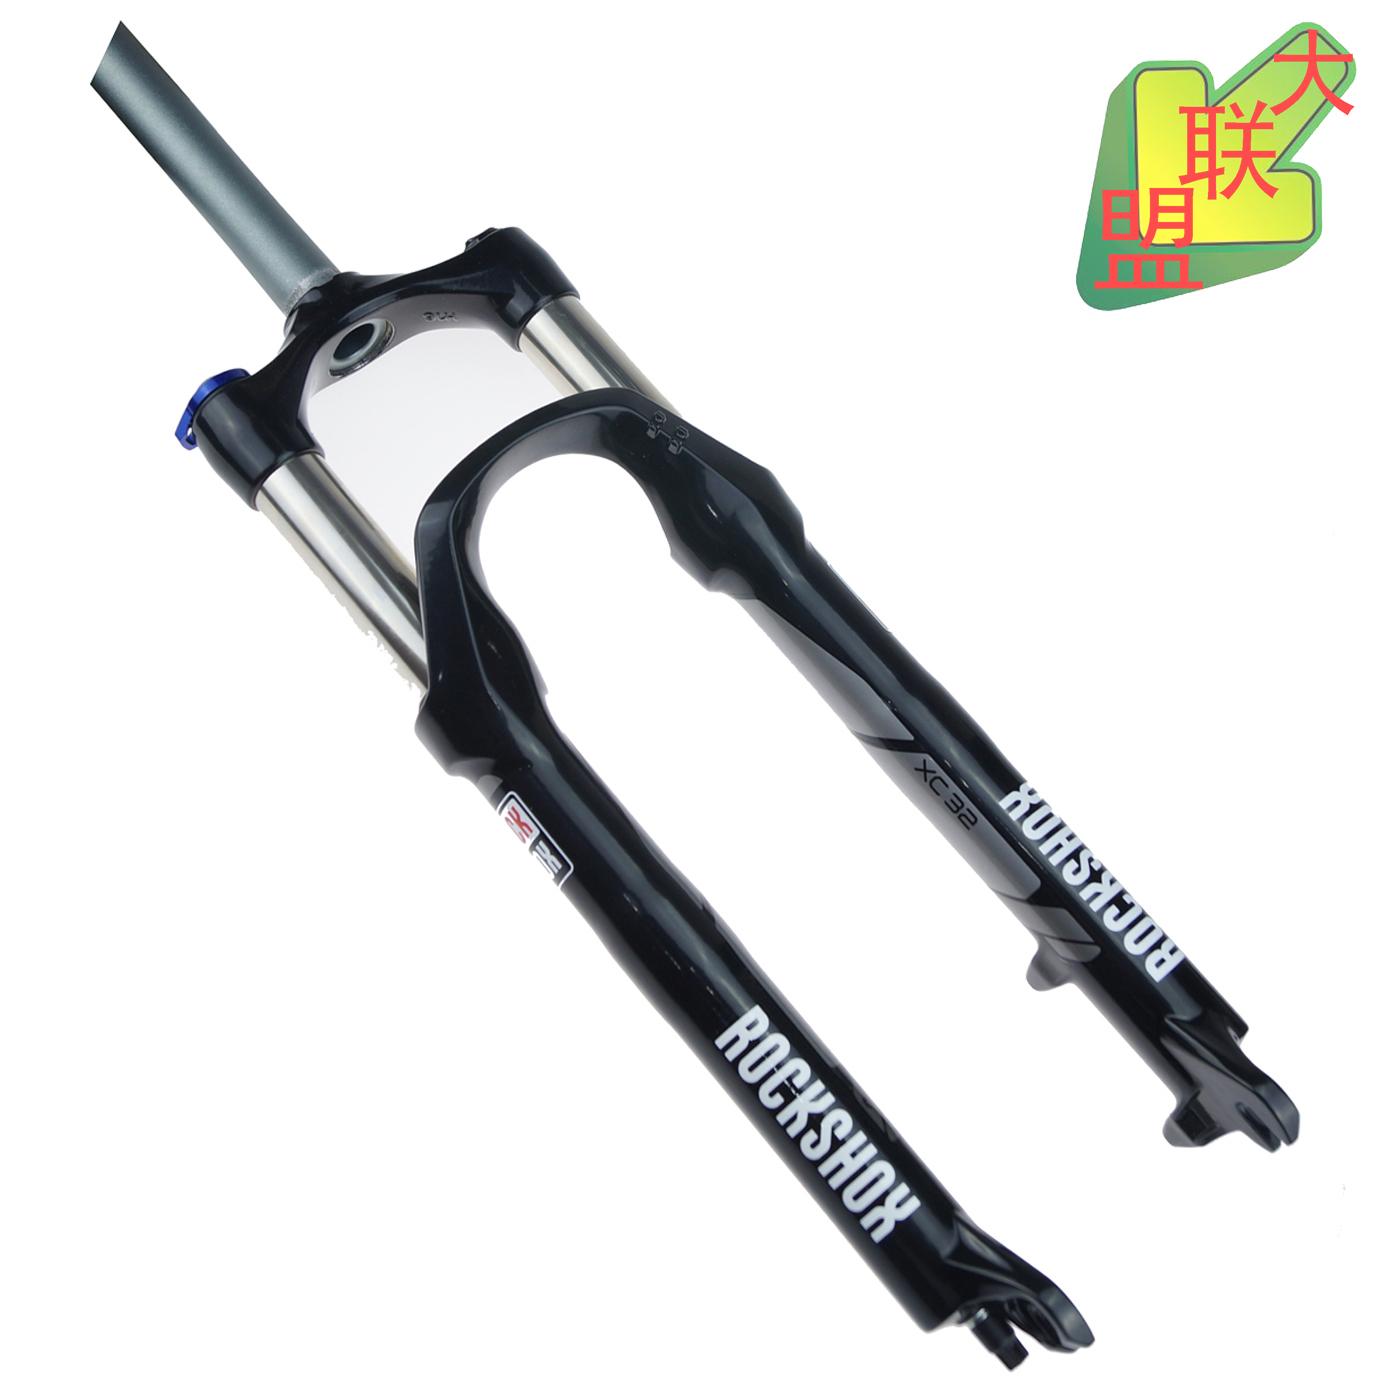 Вилка велосипедная RockShox  13 XC32